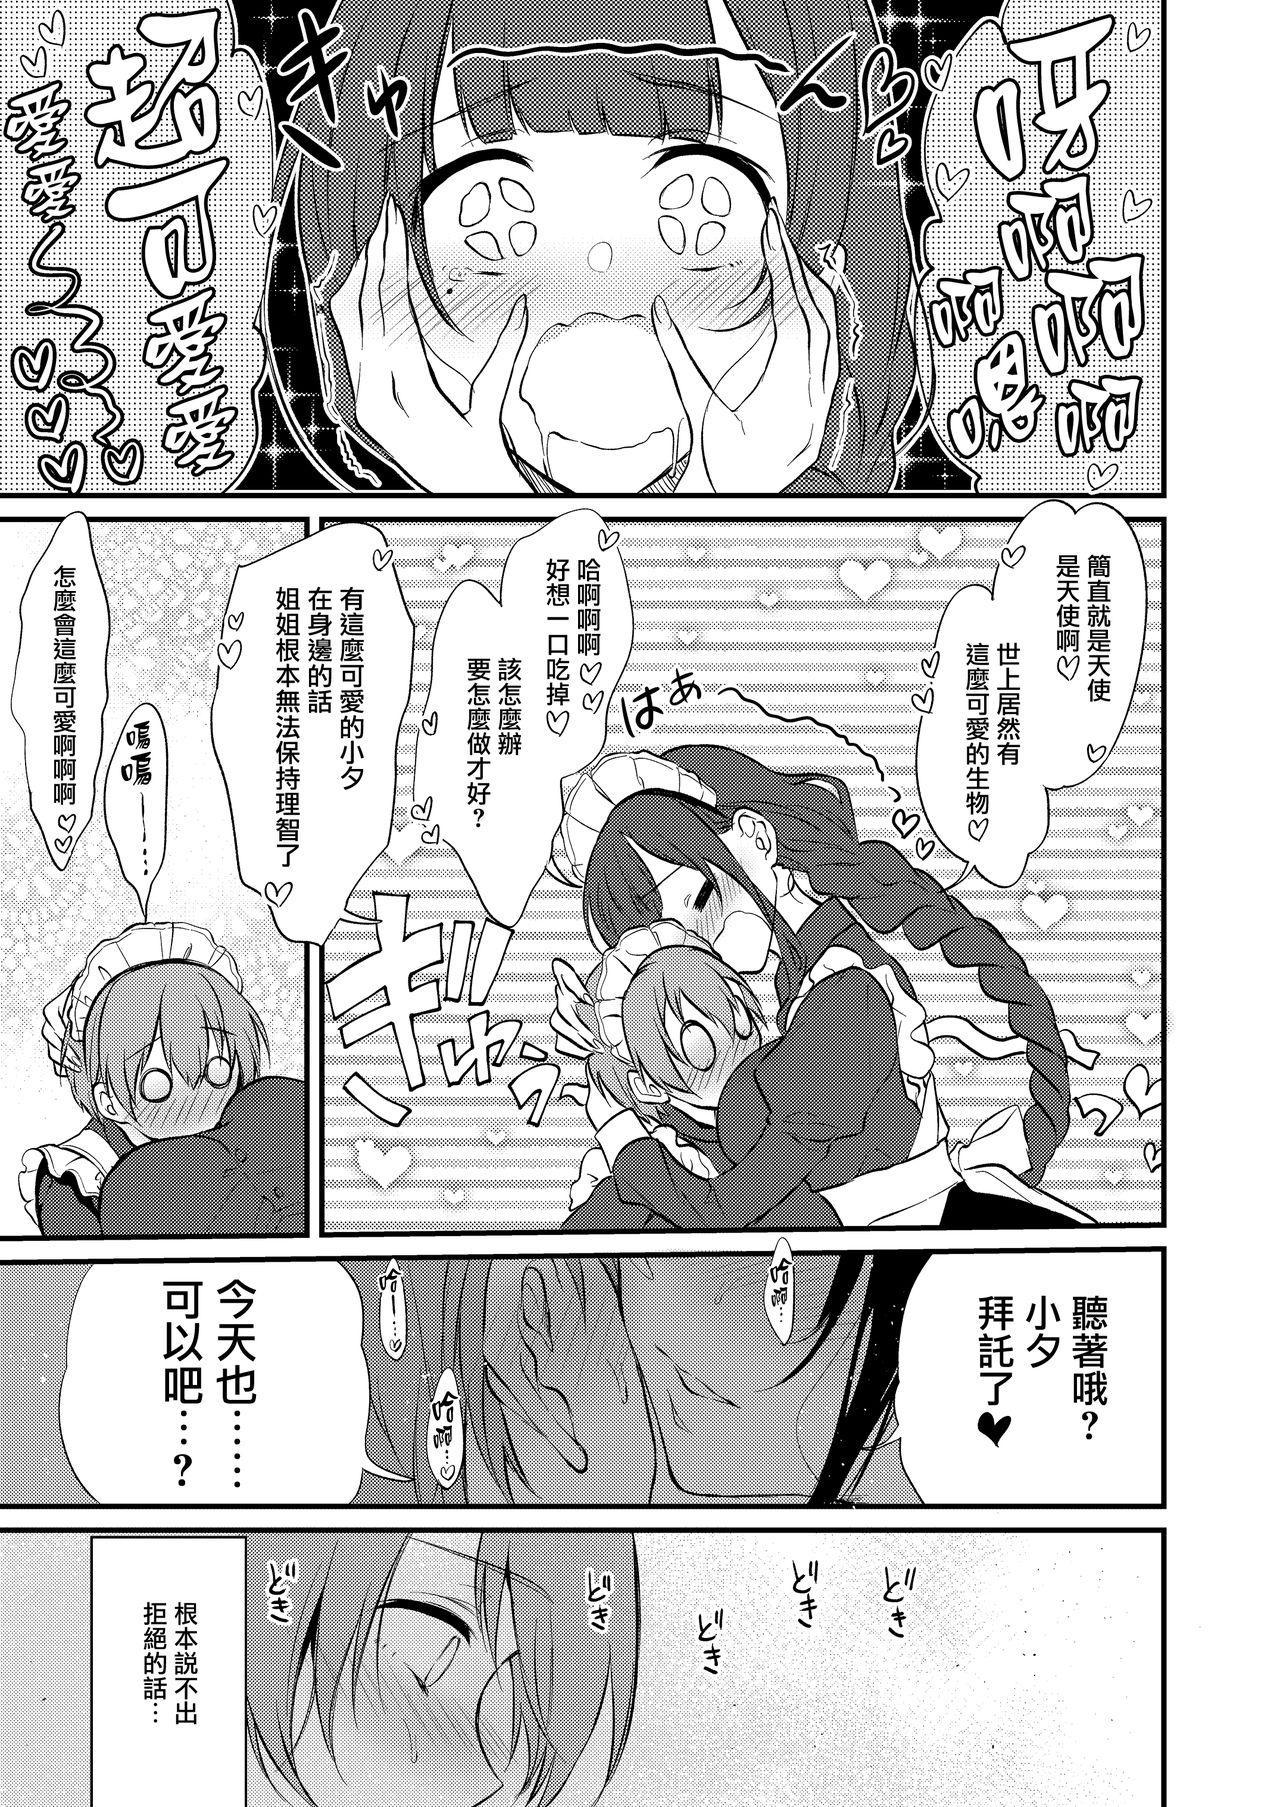 Ane Naru Mono 8 5